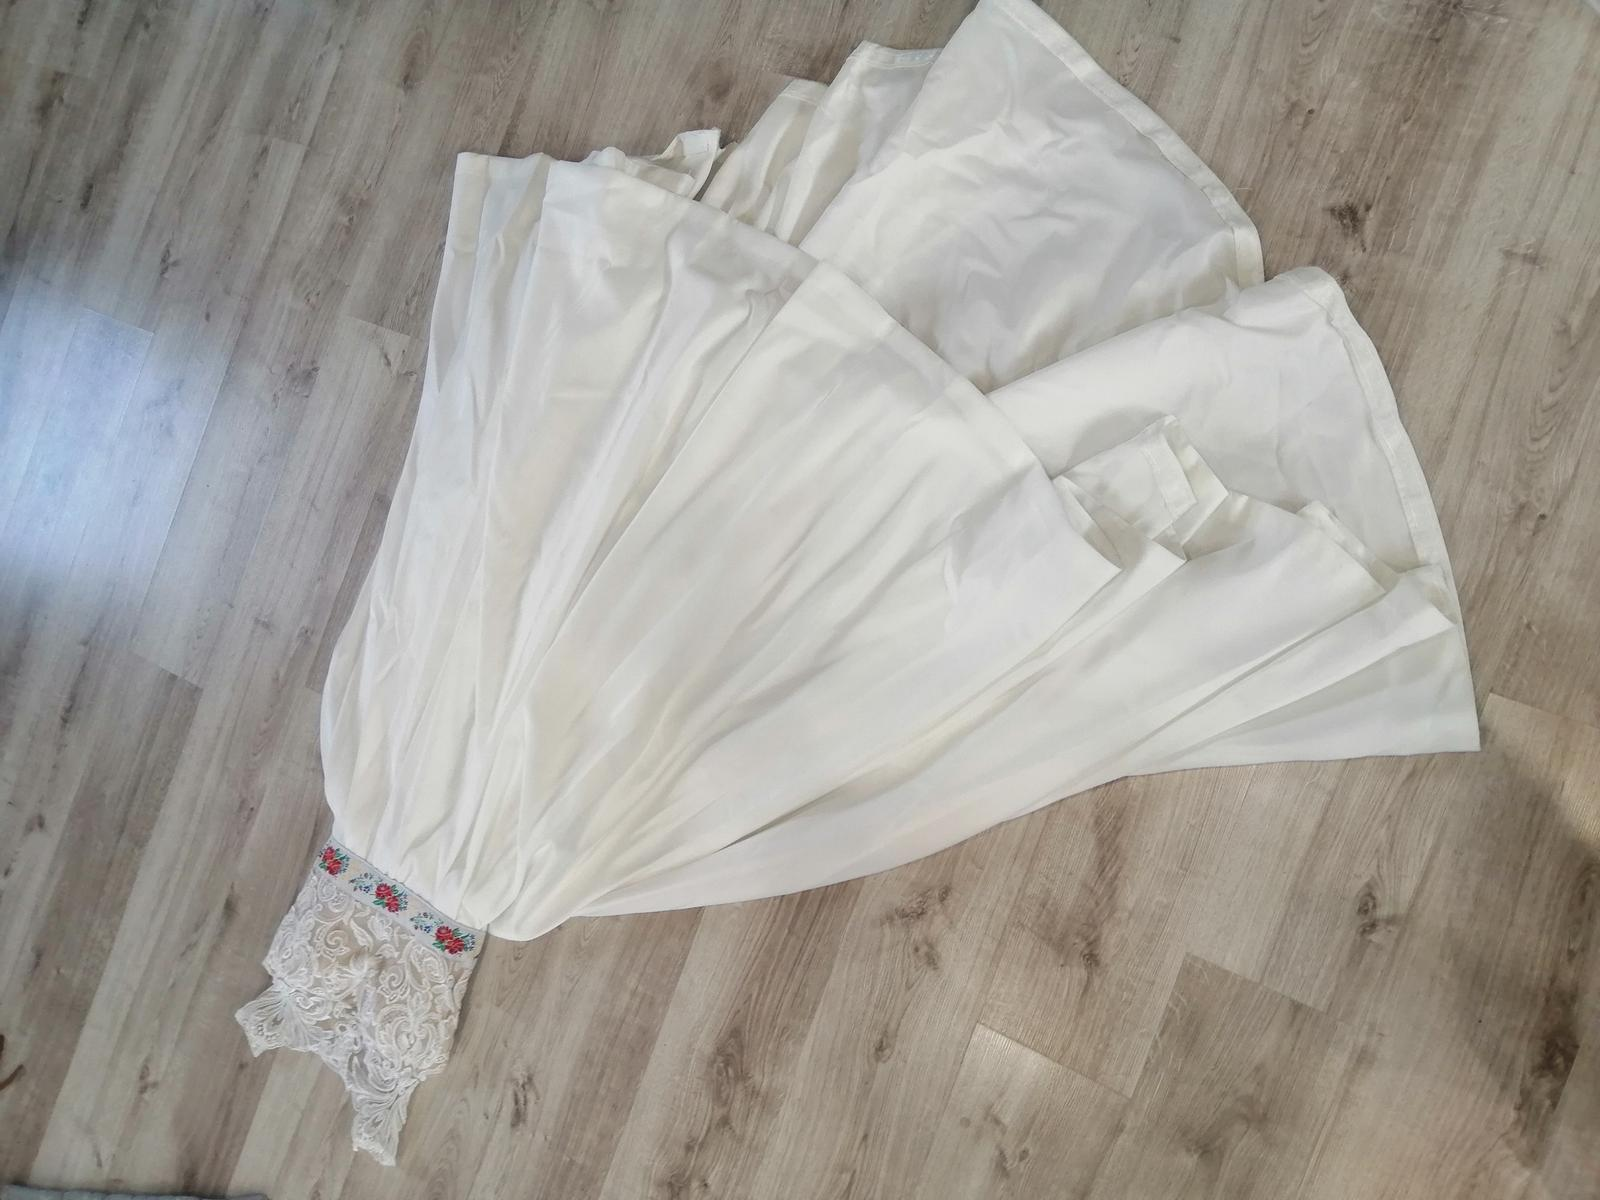 Lanesta svadobné šaty onyx - Obrázok č. 2